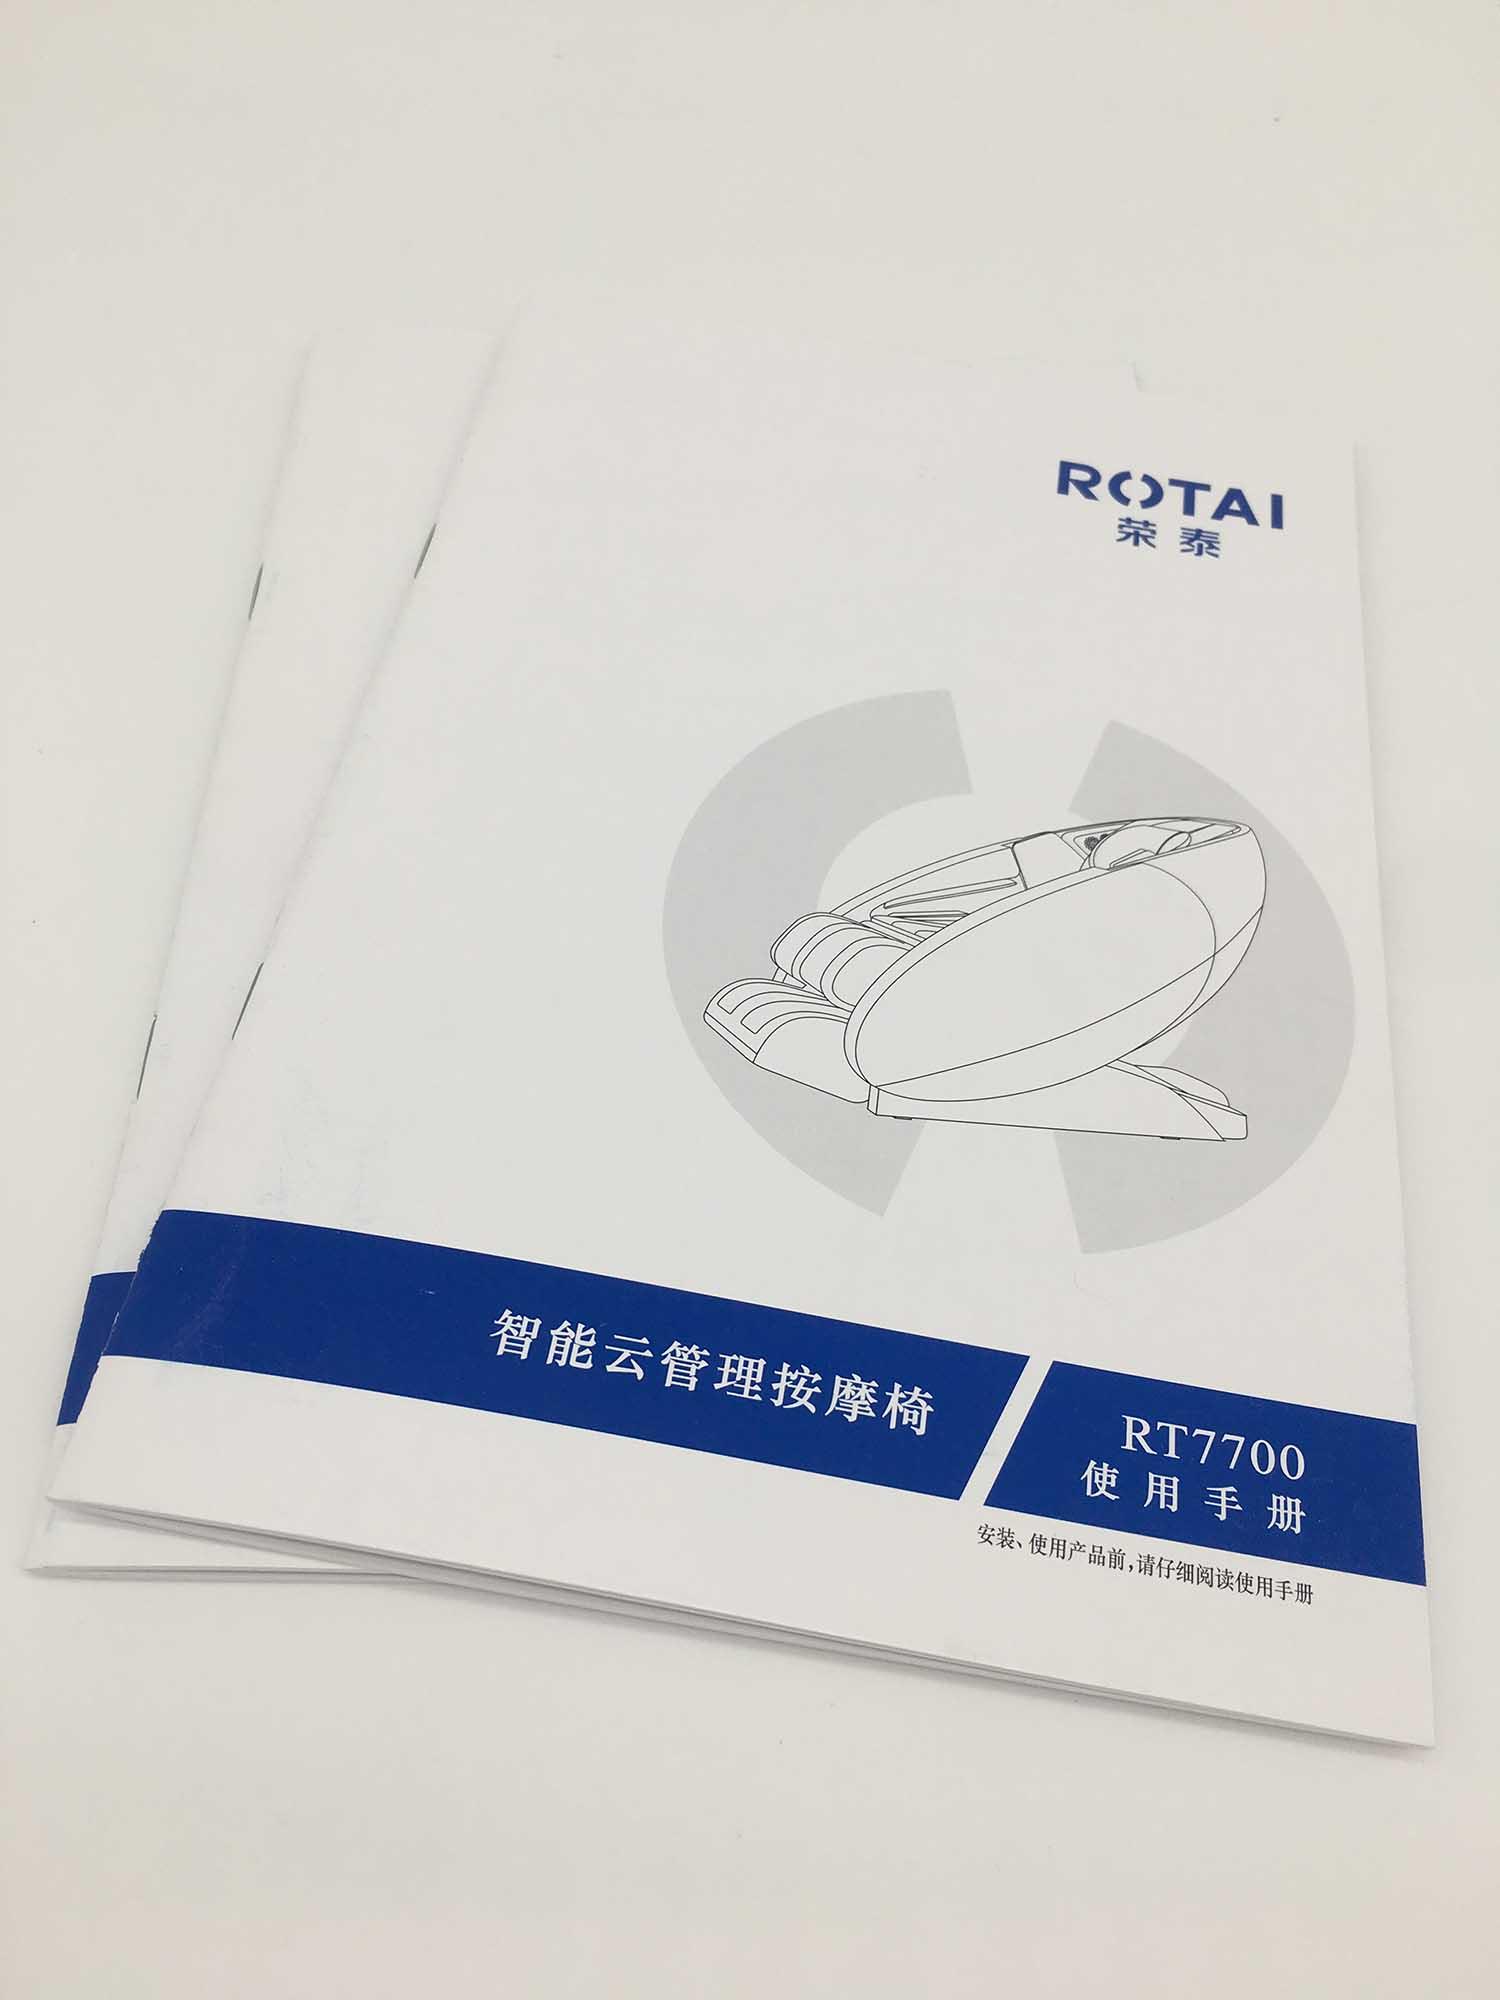 仁化印刷厂画册样本宣传册定制